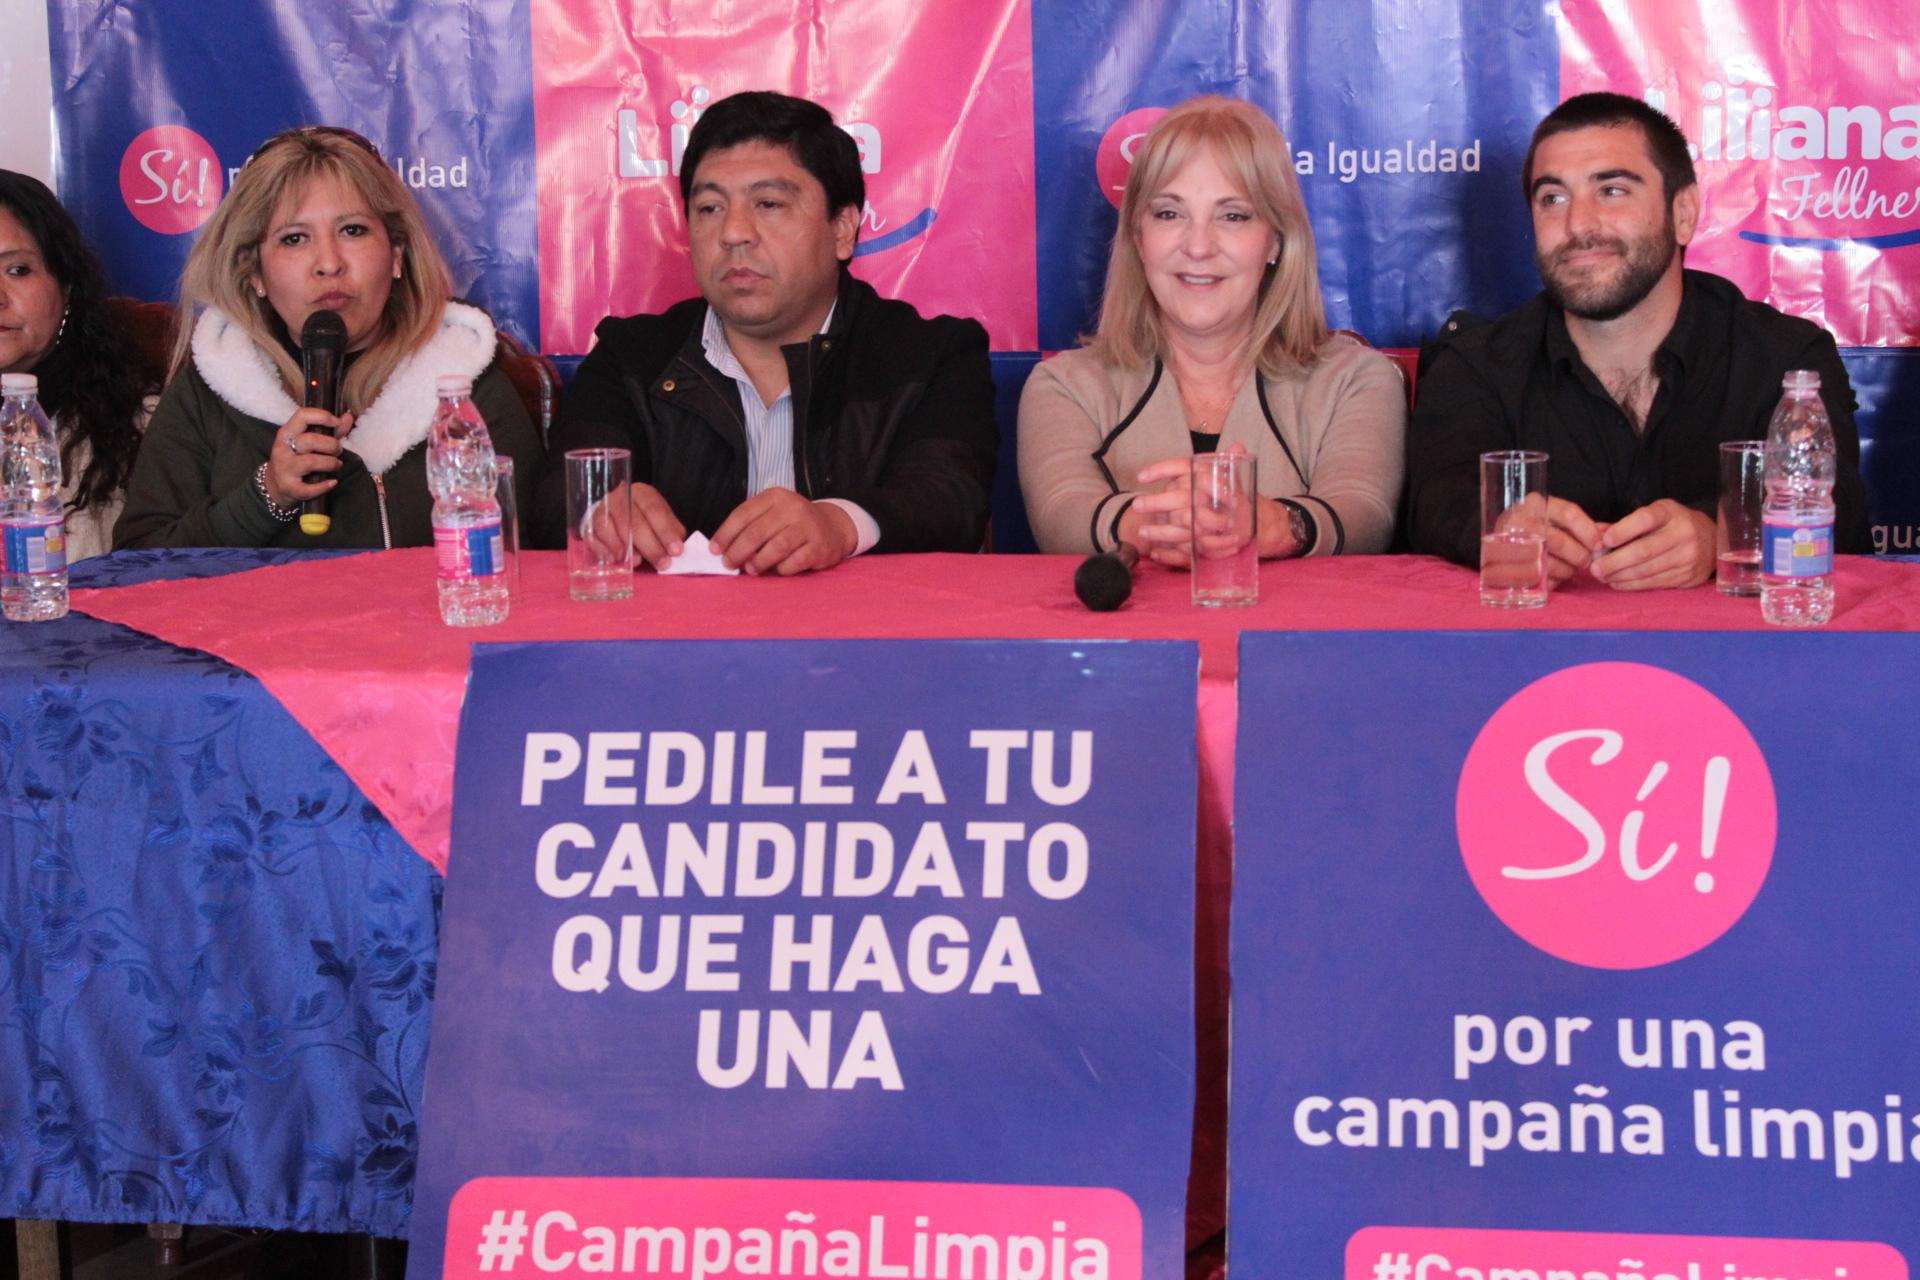 Presentaron propuestas para campaña limpia